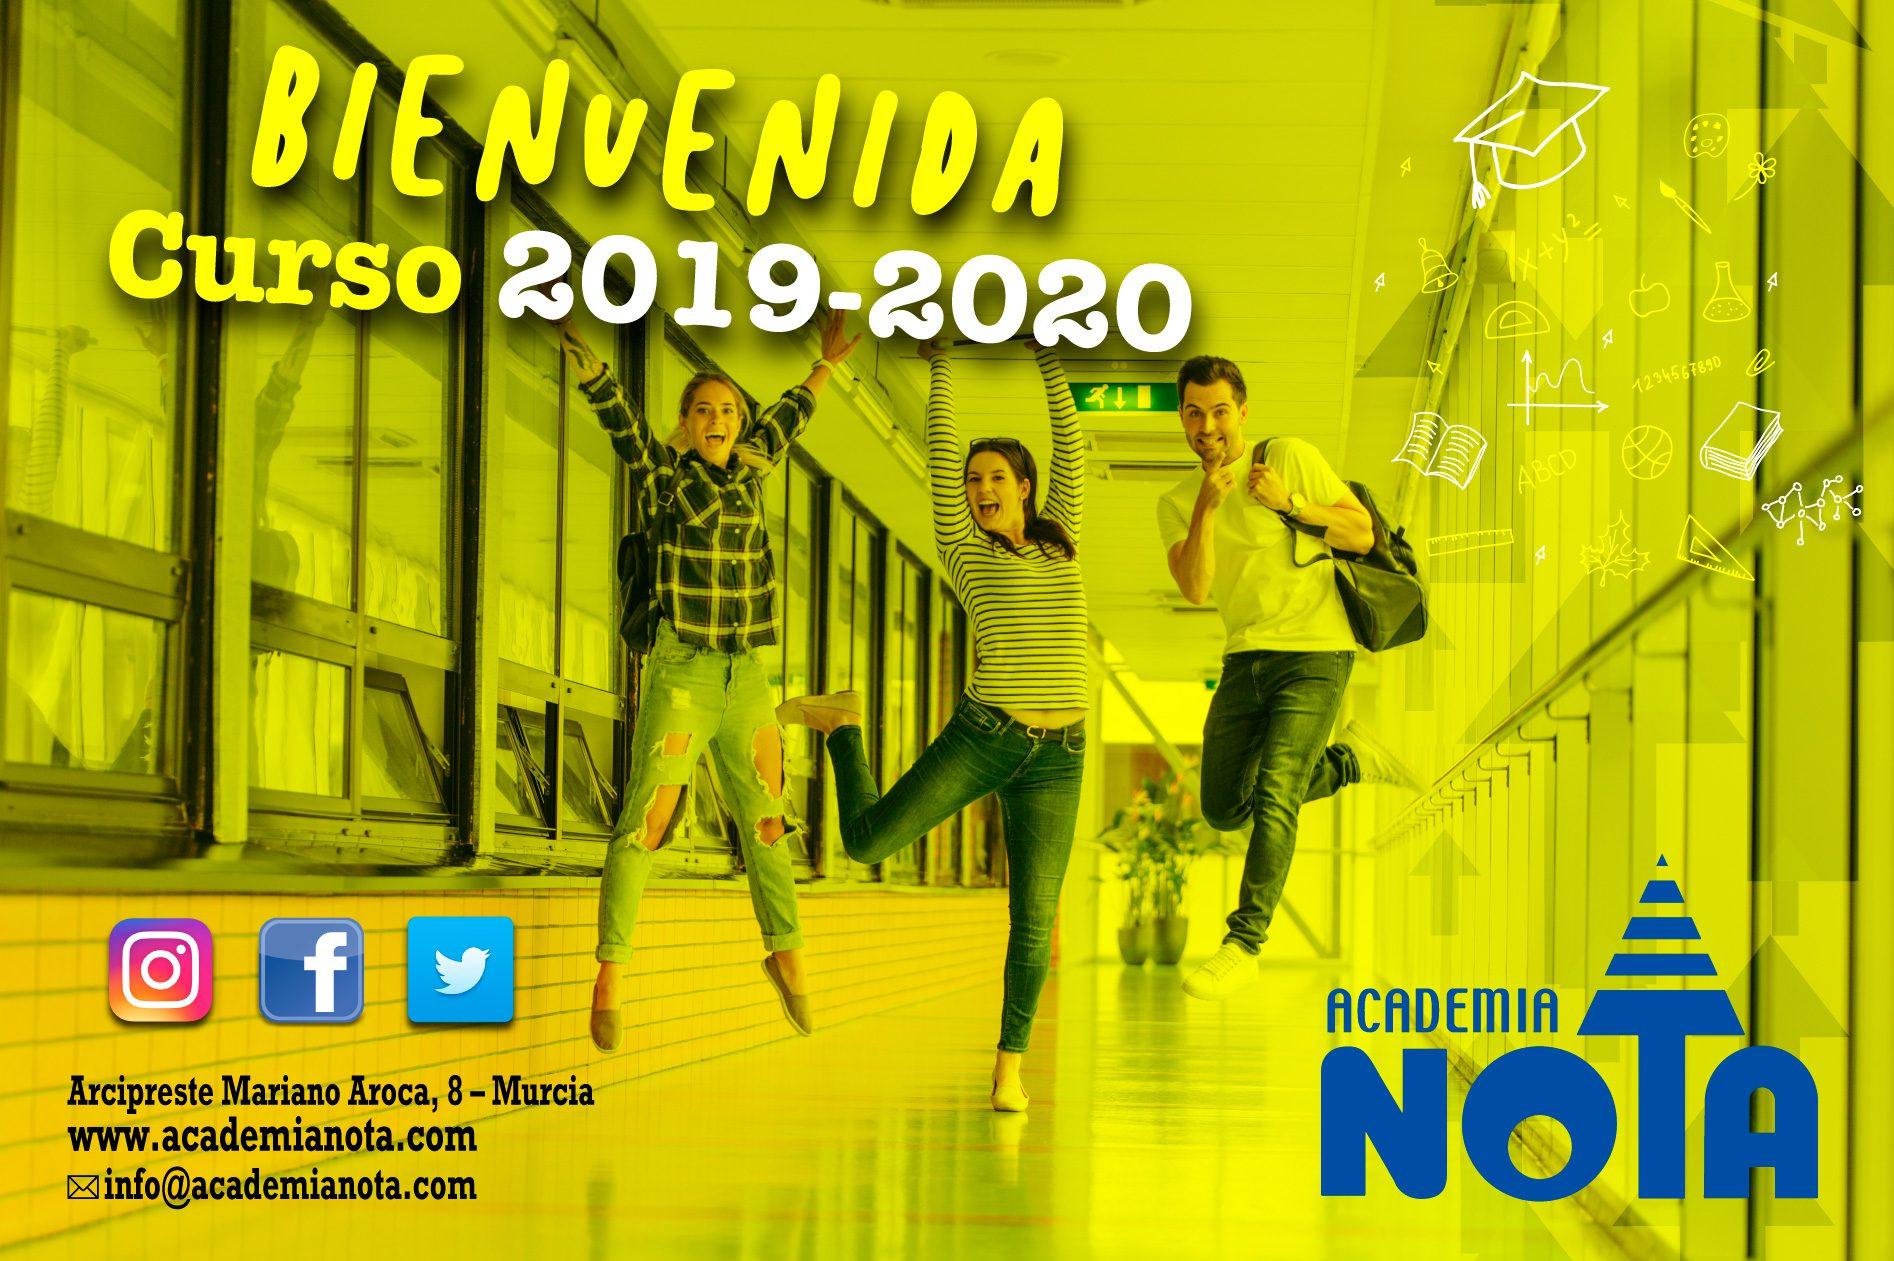 Bienvenida curso académico 2019-2020